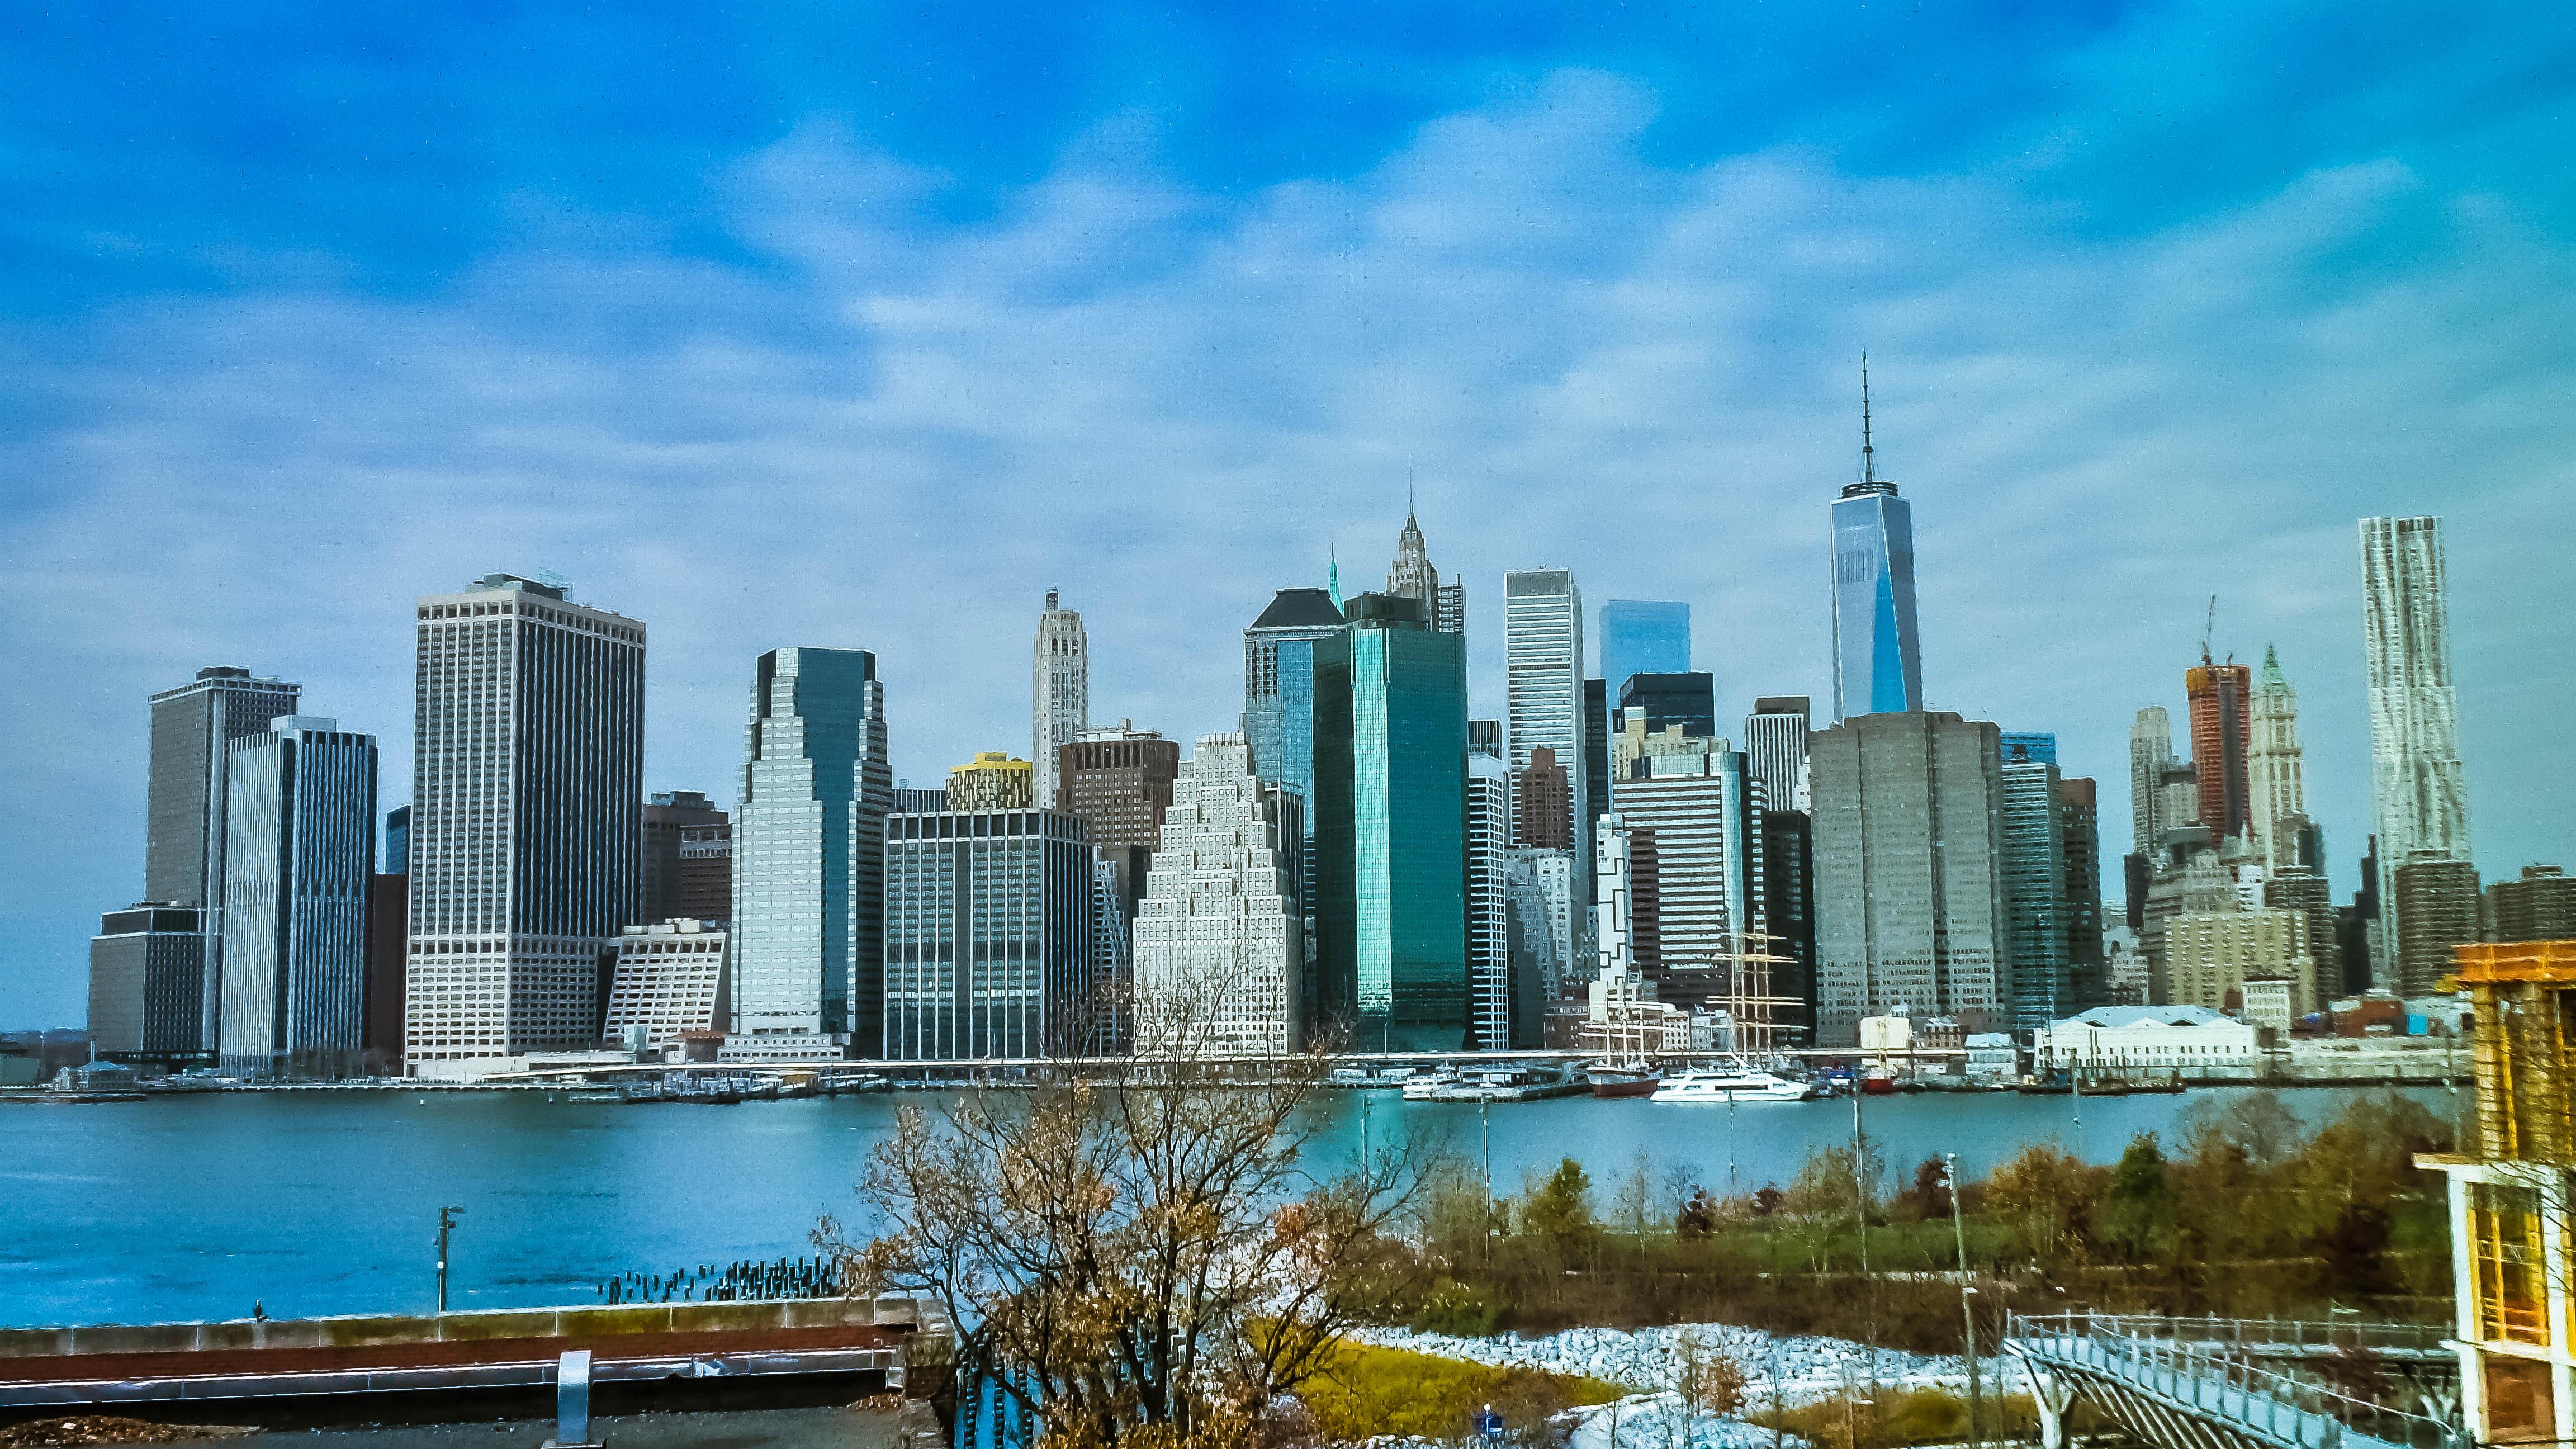 Flickr - NYK skyline